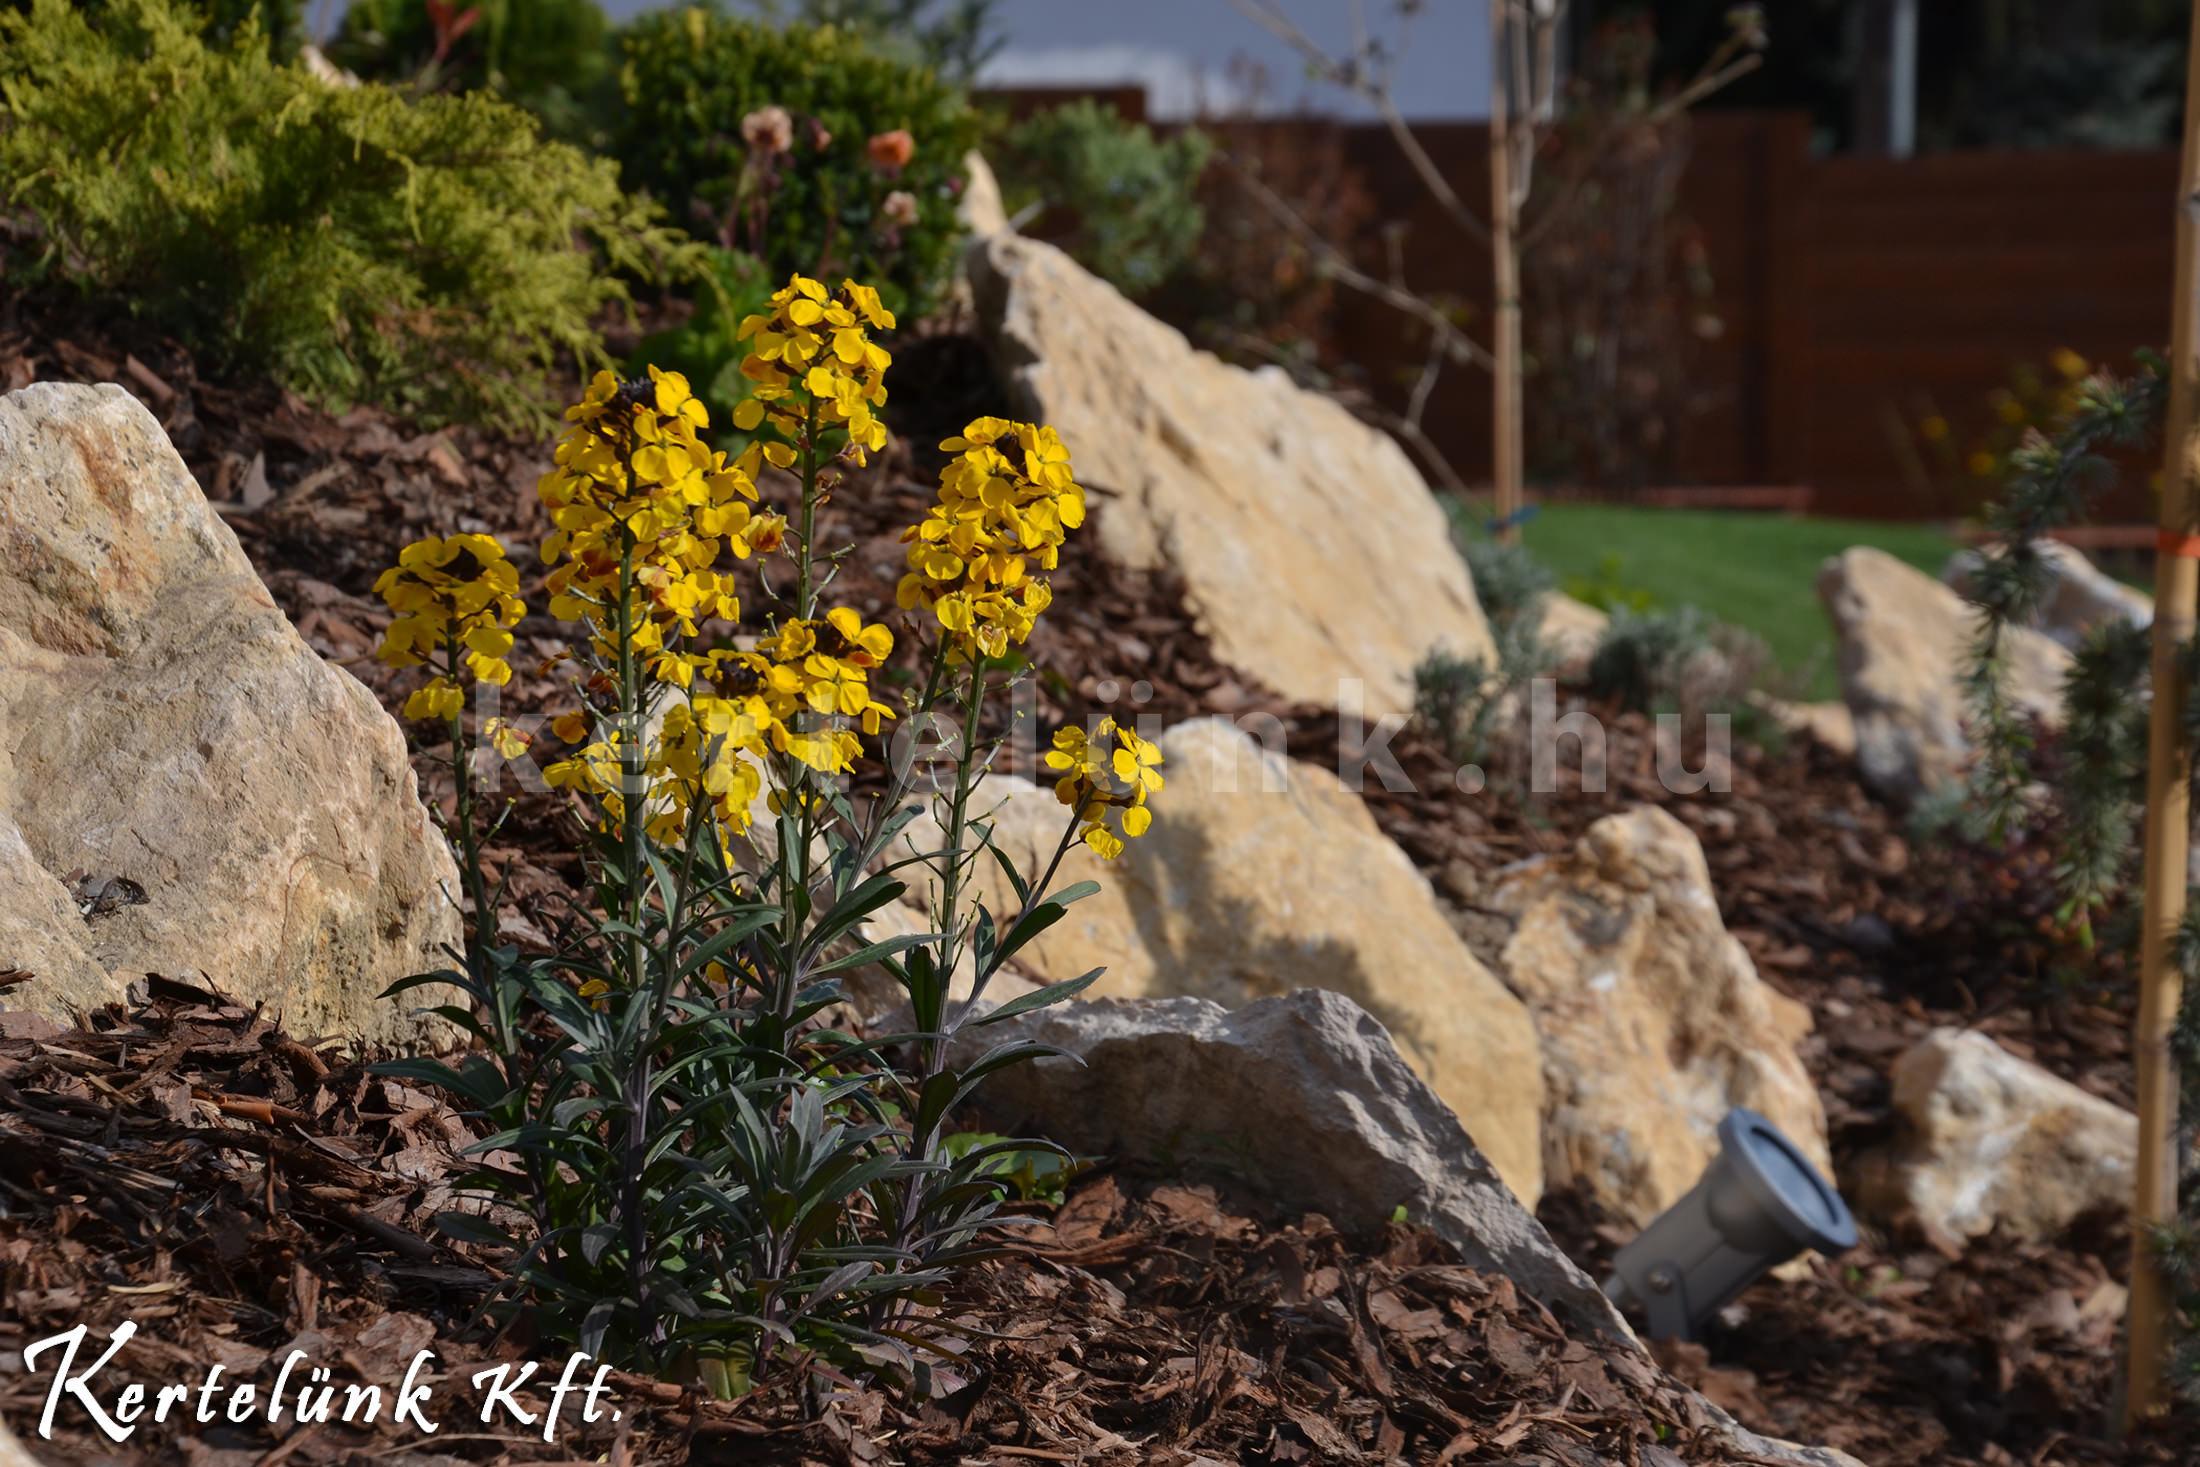 Nyers kő, fenyőkéreg, és színes virágok kavalkádja.